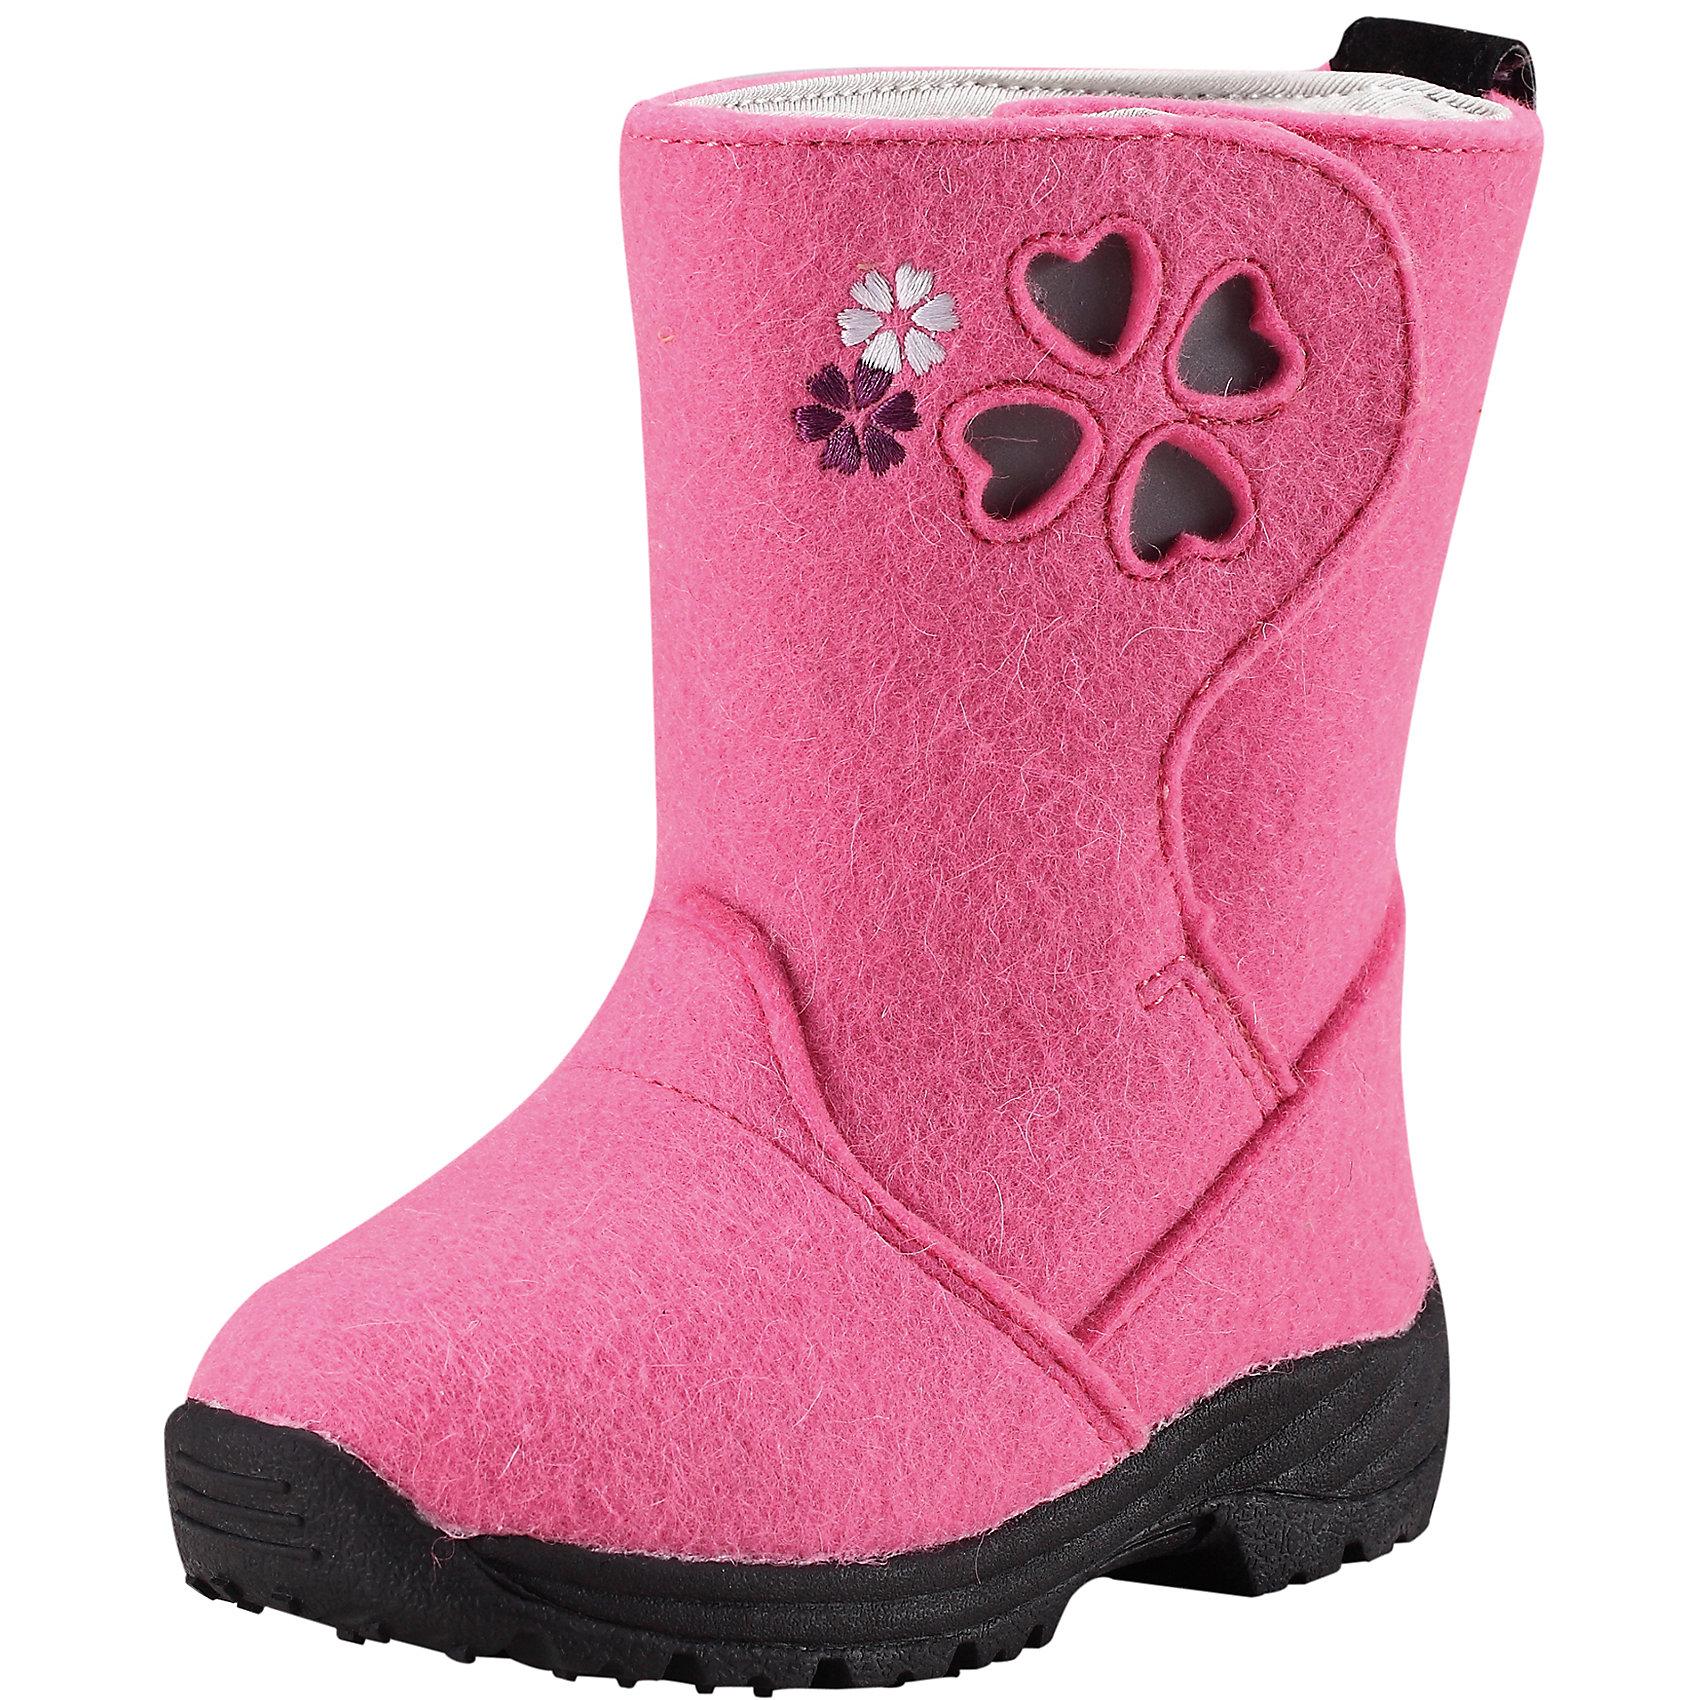 Ботинки для девочки ReimaНадёжная обувь для особенно холодных зимних дней: ботинки из фетра на каучуковой подошве, гарантирующей хорошее сцепление с поверхностью - это то, о чём дети могли только мечтать несколько десятилетий назад... Дополнительное утепление за счёт мягкой смеси шерсти и фетровых стелек, которые вынимаются. С помощью стелек можно легко проверить размер ботинка: впереди должно оставаться пространство в 1,5 см для движения и роста ноги. Эти супер-тёплые ботинки легко обуваются благодаря новой конструкции голенища, которое полностью расстёгивается и застёгивается с помощью липучек. Таким образом, вы можете отрегулировать ботинки, чтобы они плотно прилегали к ножке. Подошва из термопластичного каучука обеспечивает не только хорошее сцепление с поверхностью, но и теплоизоляцию. Благодаря рифлёному узору на подошве штрипки брюк и комбинезона будут надёжно сидеть на пятке. Забавные декоративные светоотражающие детали оживляют образ и обеспечивают дополнительную безопасность в темноте.<br><br>Детские ботинки Reima® ORIGINAL из фетра для особенно холодных зимних дней<br>Удобная и тёплая шерстяная подкладка<br>Стельки вынимаются, рисунок Happy Fit помогает правильно определить размер ноги<br> Подошва из термопластичного каучука обеспечивает хорошее сцепление с поверхностью<br>Светоотражающие детали на голенище<br>Состав:<br>Подошва: термопластичная резина, Верх: Шерсть<br>Высокая степень утепления (до - 30)<br><br>Ботинки Reima (Рейма) можно купить в нашем магазине.<br><br>Ширина мм: 237<br>Глубина мм: 180<br>Высота мм: 152<br>Вес г: 438<br>Цвет: розовый<br>Возраст от месяцев: 60<br>Возраст до месяцев: 72<br>Пол: Женский<br>Возраст: Детский<br>Размер: 29,28,24,26,25,27,30<br>SKU: 4209241